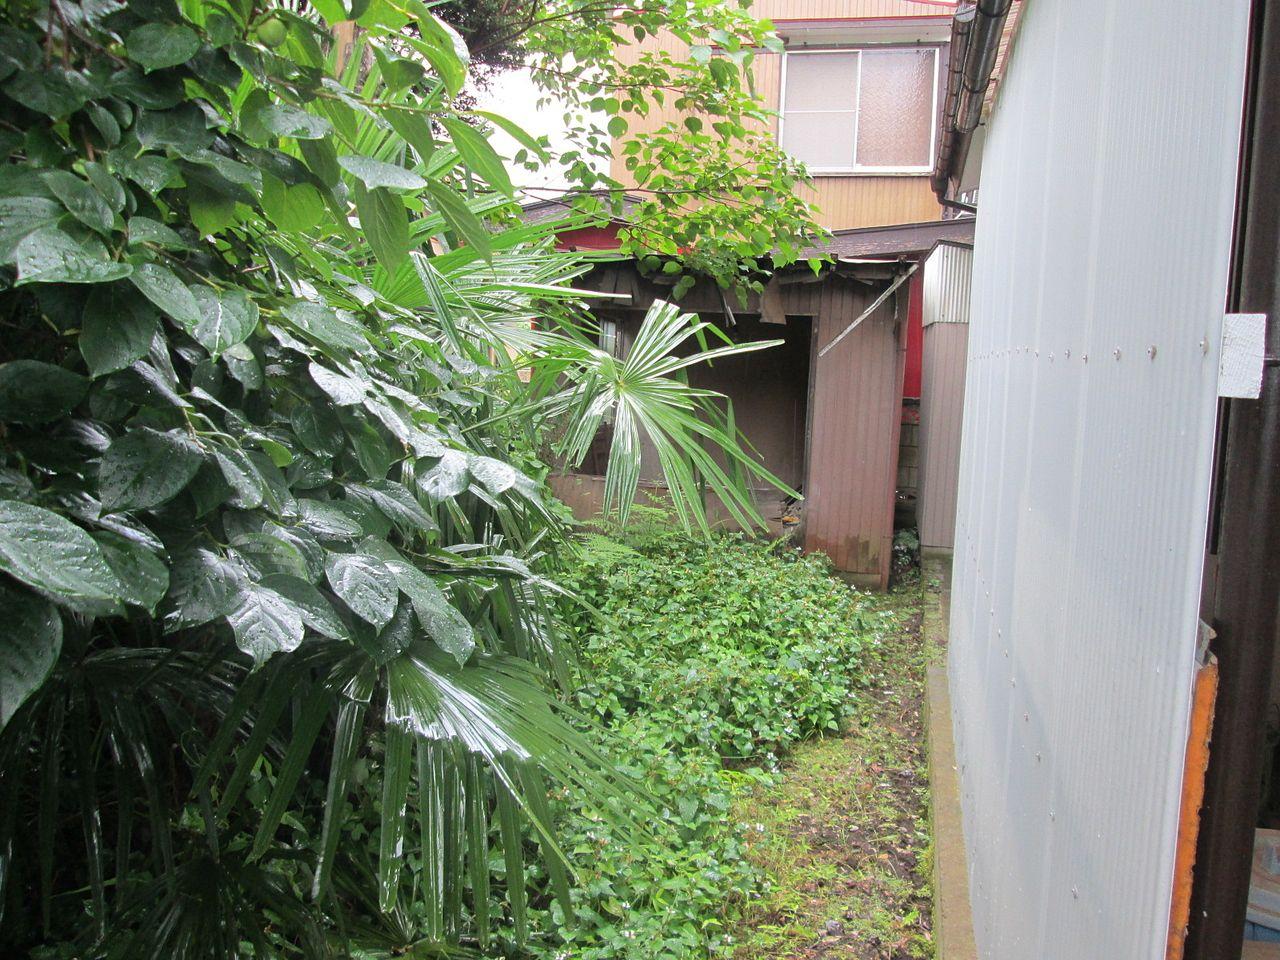 空き家の庭は雑草や樹木が生い茂っていました